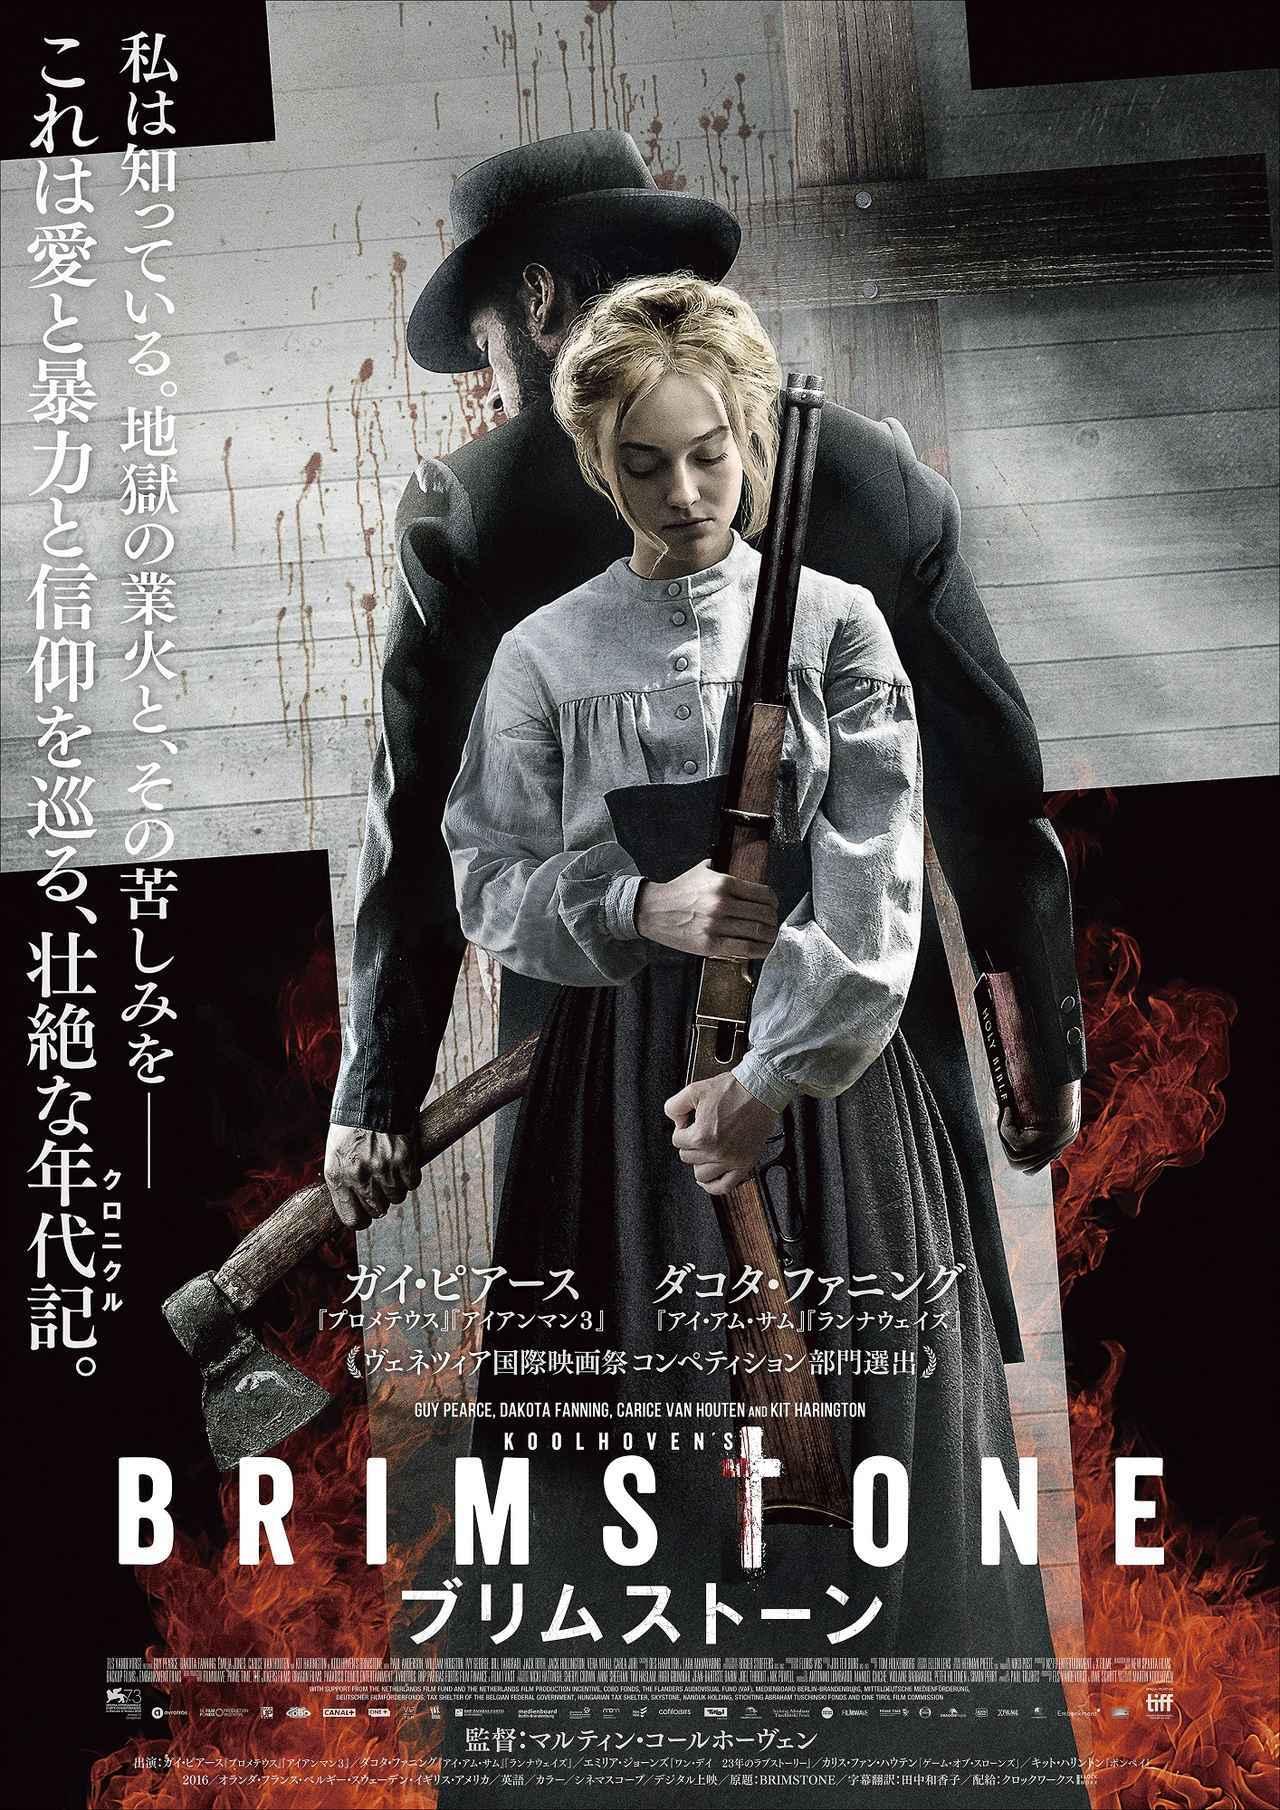 画像1: ©2016 brimstone b.v./ n279 entertainment b.v./ x filme creative pool gmbh/ prime time/ the jokers films/ dragon films